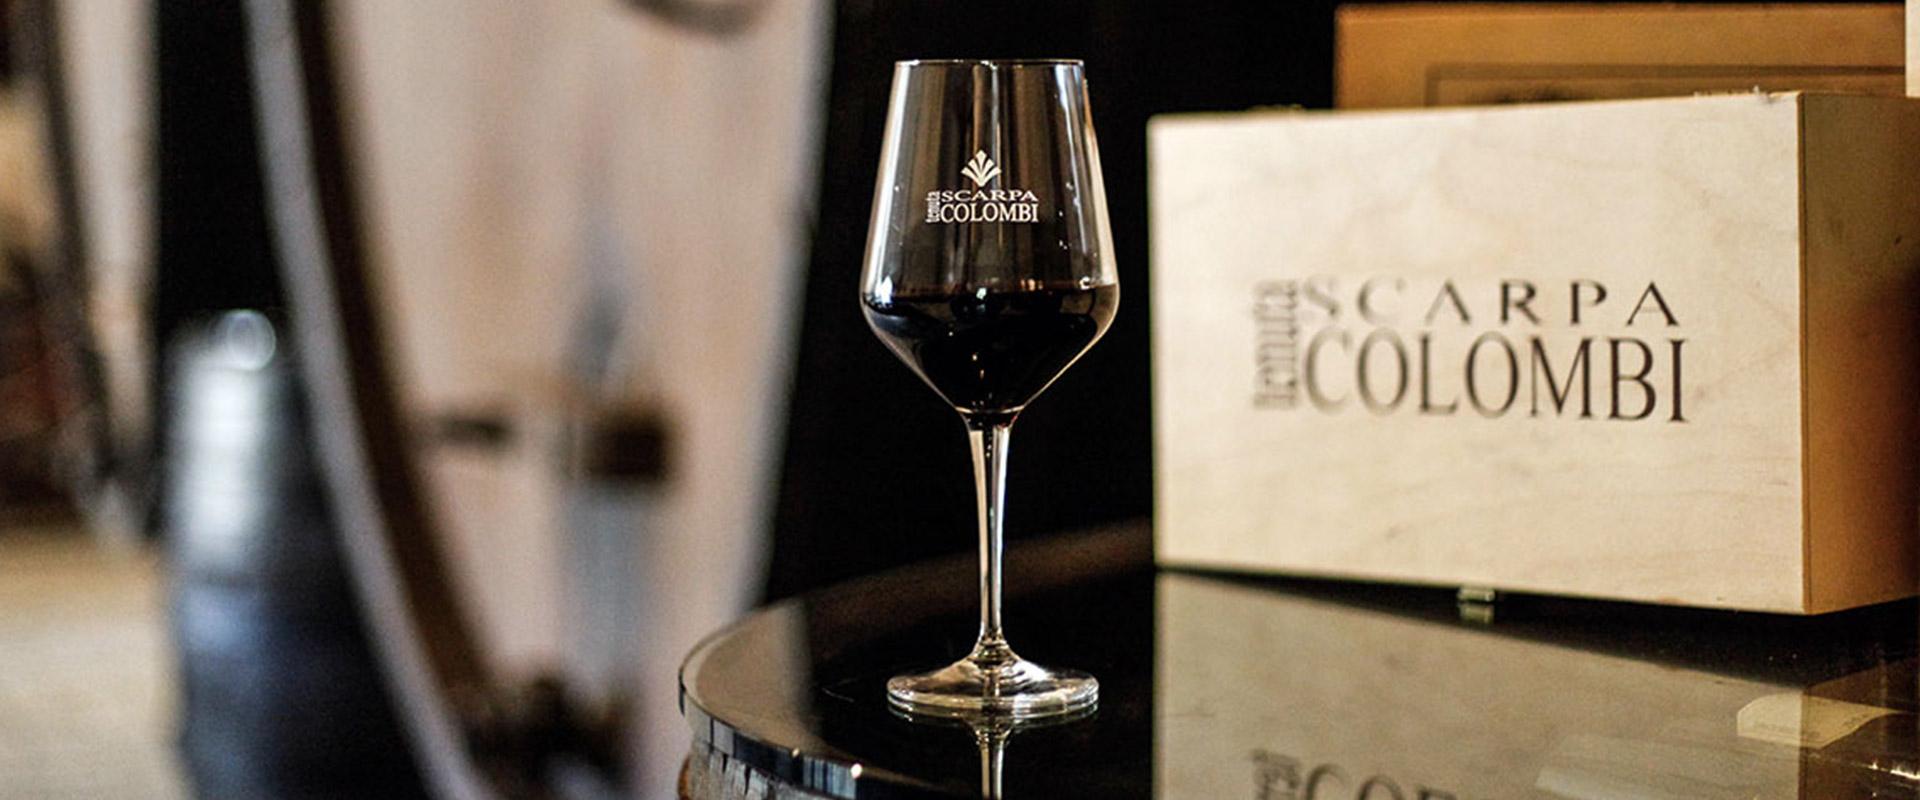 Tenuta Scarpa Colombi: vini d'eccellenza nell'Oltrepò Pavese